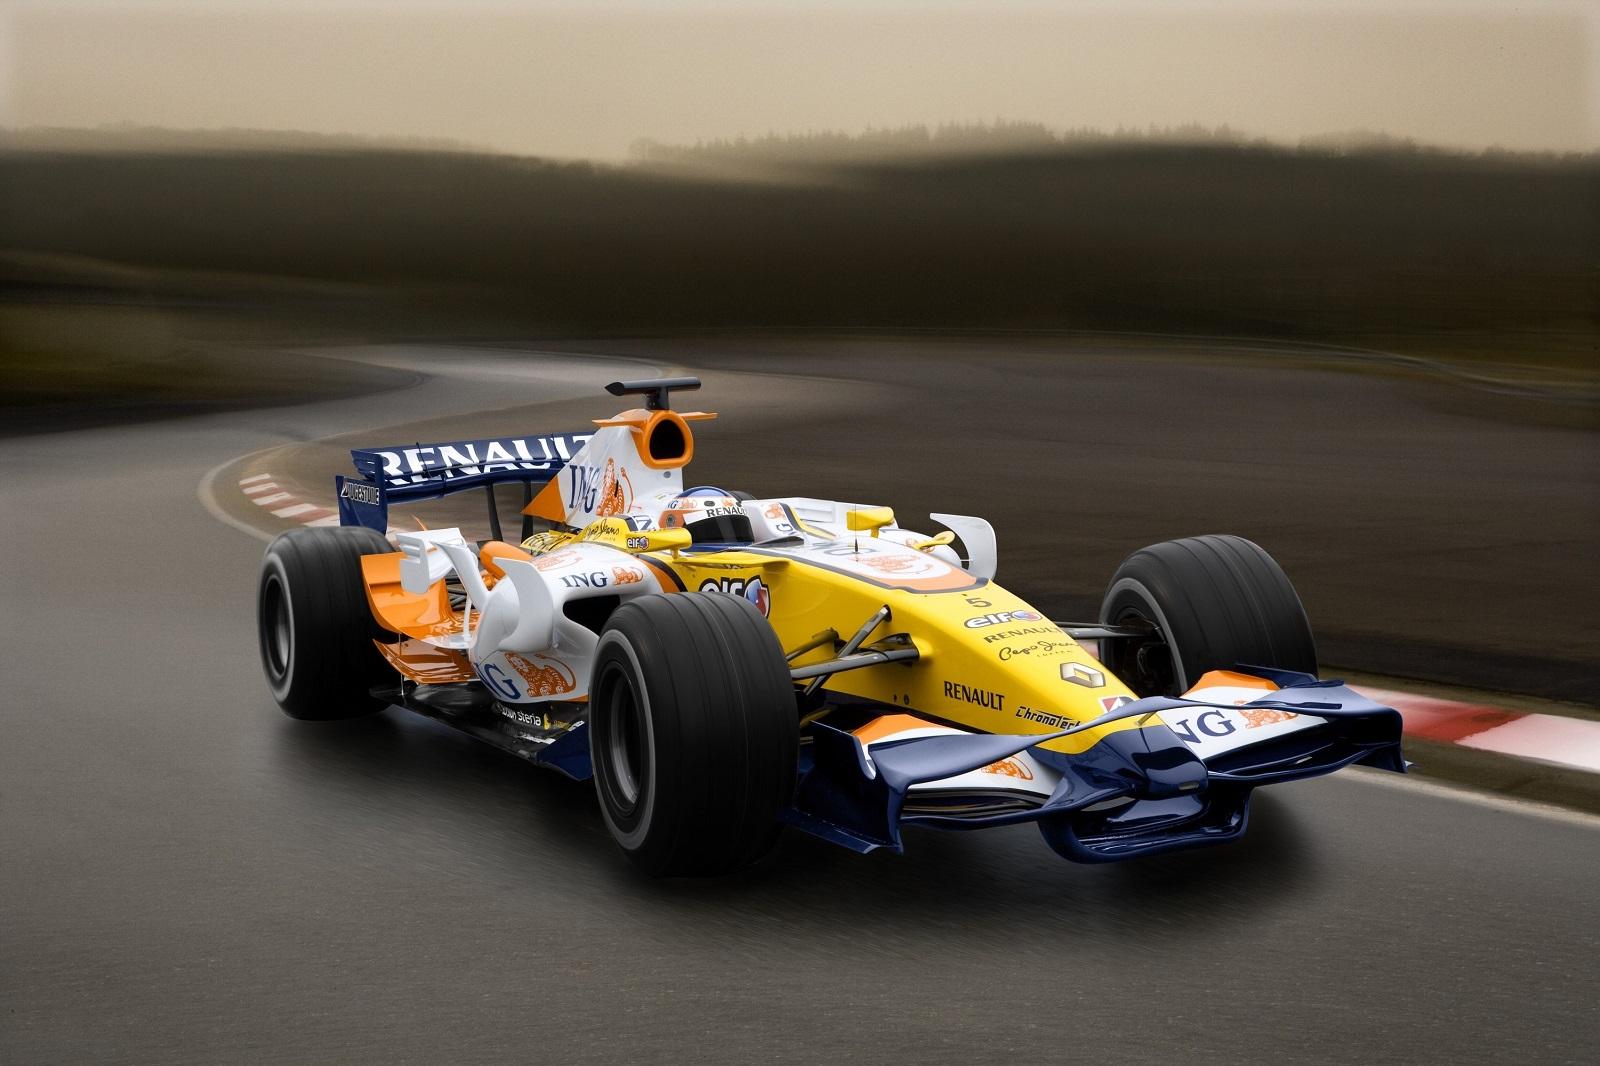 11 Renault forma 1-es autó a Classic Days 2017-en